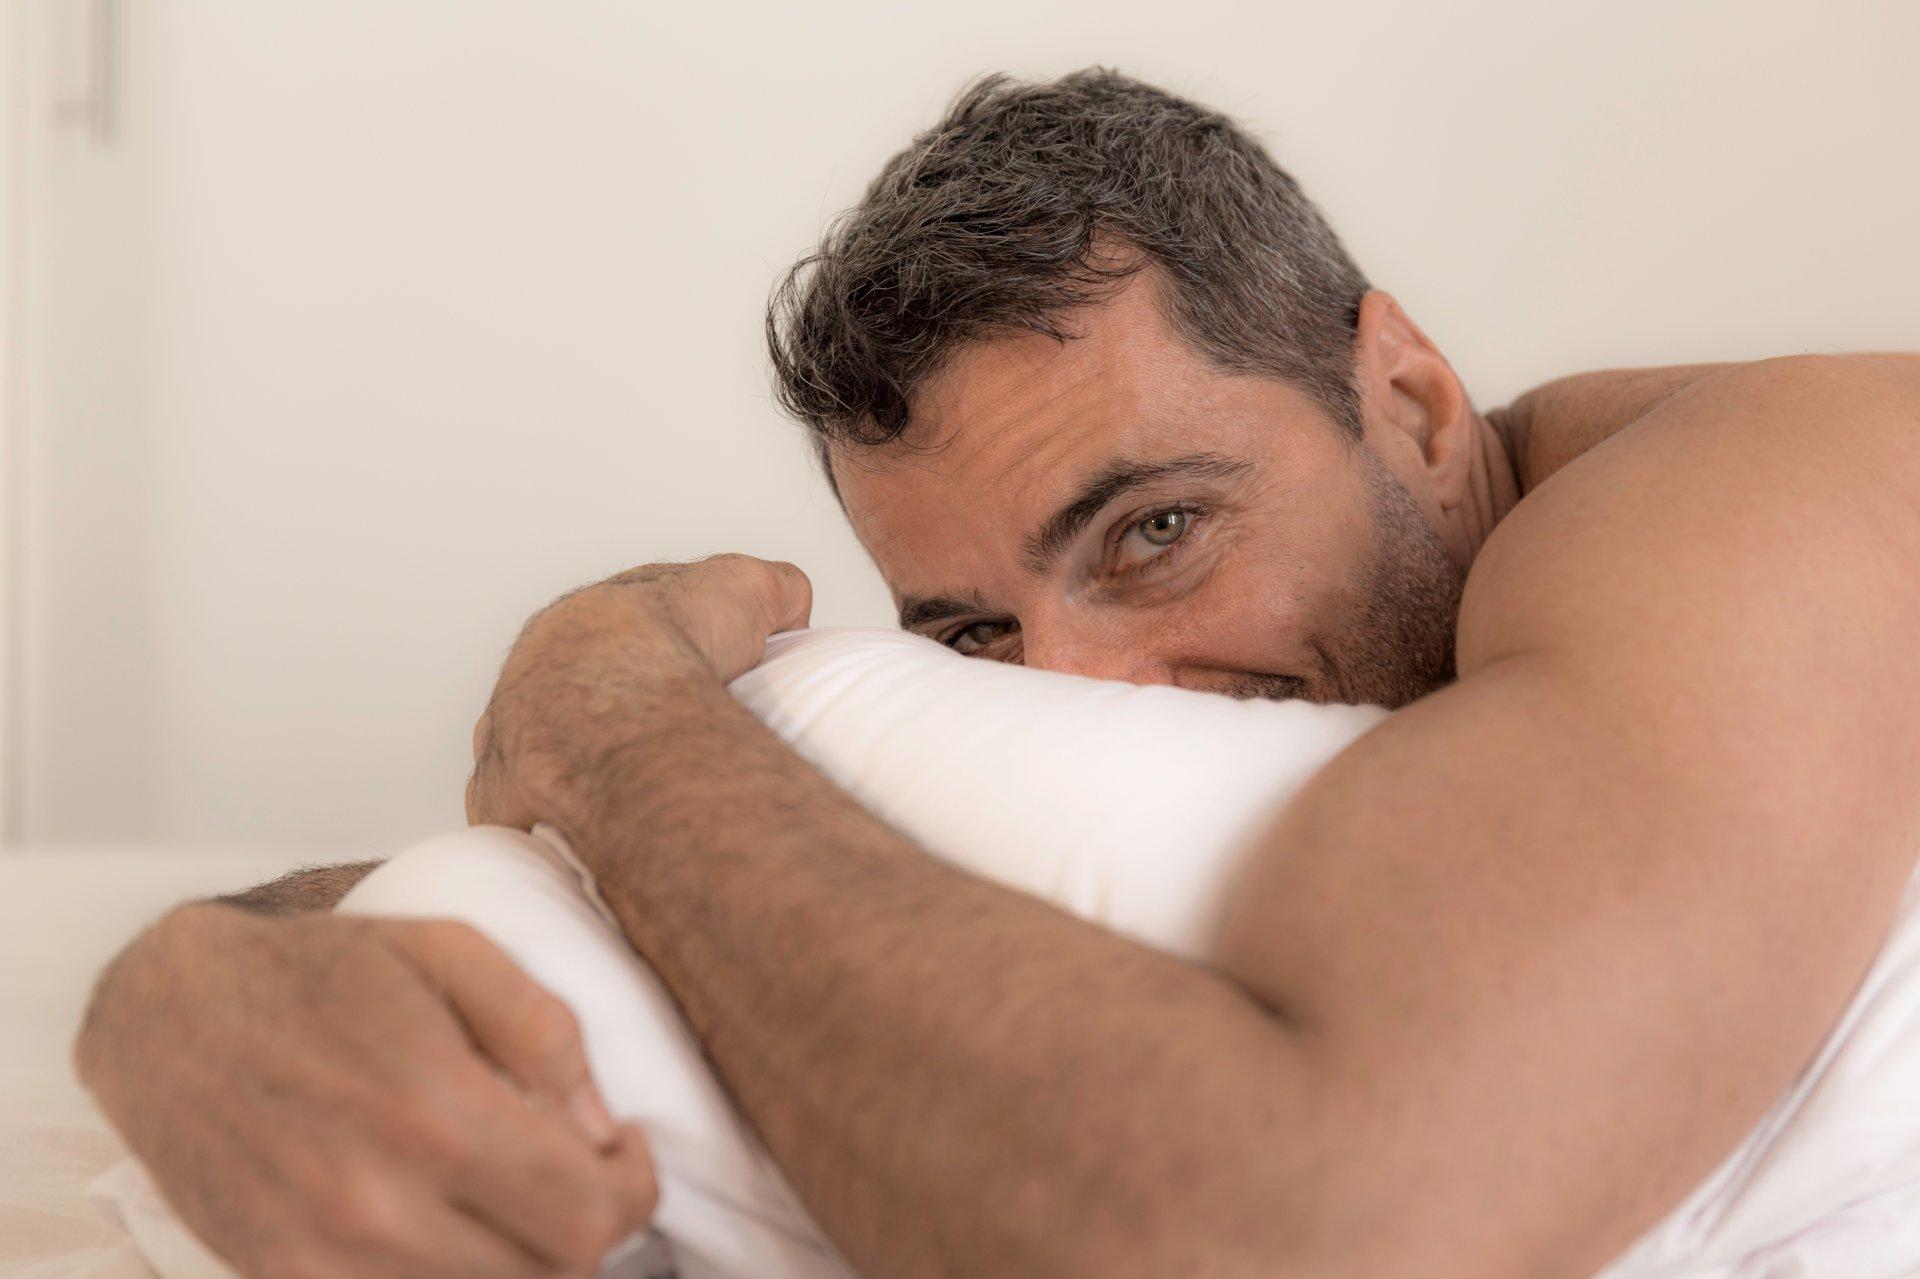 erekcijos problema vyrams nuotraukos kurios dydziai yra seksualiniai nariai